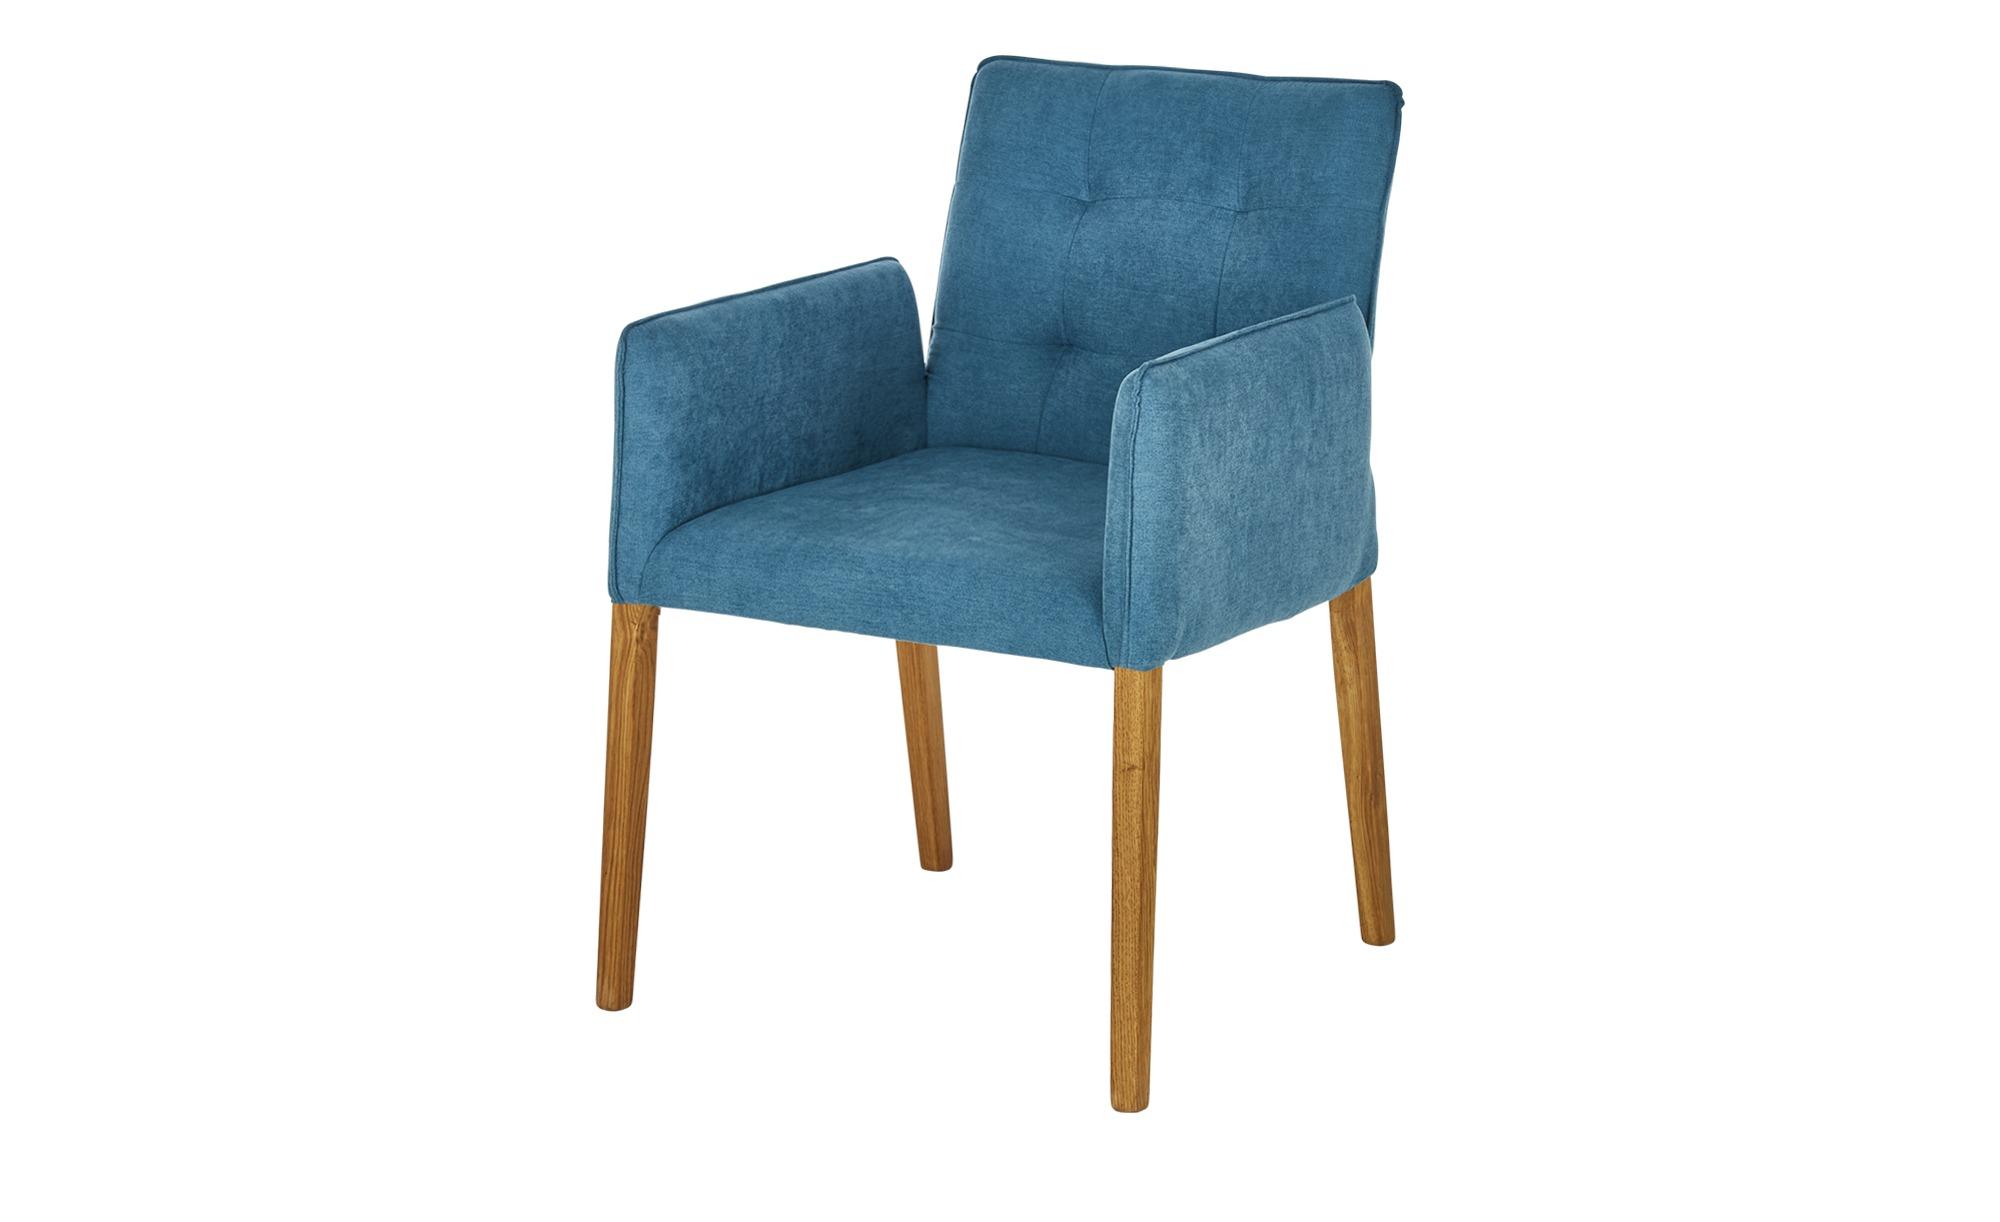 smart Armlehnstuhl - türkis/petrol - 58 cm - 87 cm - 63 cm - Stühle > Esszimmerstühle - Möbel Kraft | Küche und Esszimmer > Stühle und Hocker > Armlehnstühle | smart